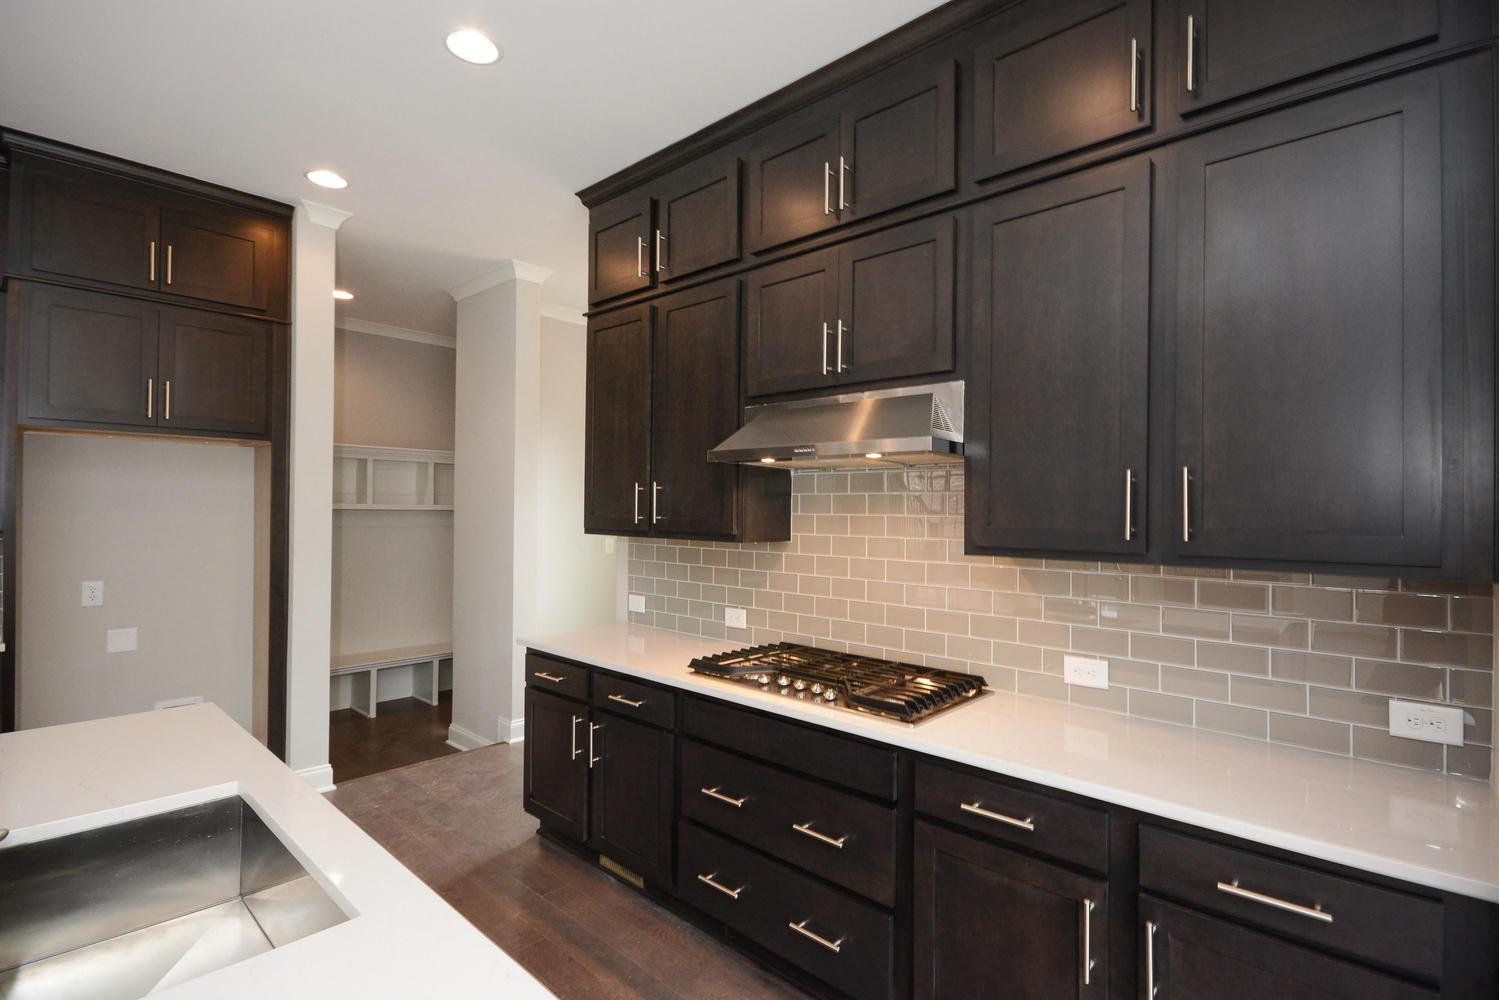 Dunes West Homes For Sale - 2949 Minnow, Mount Pleasant, SC - 12